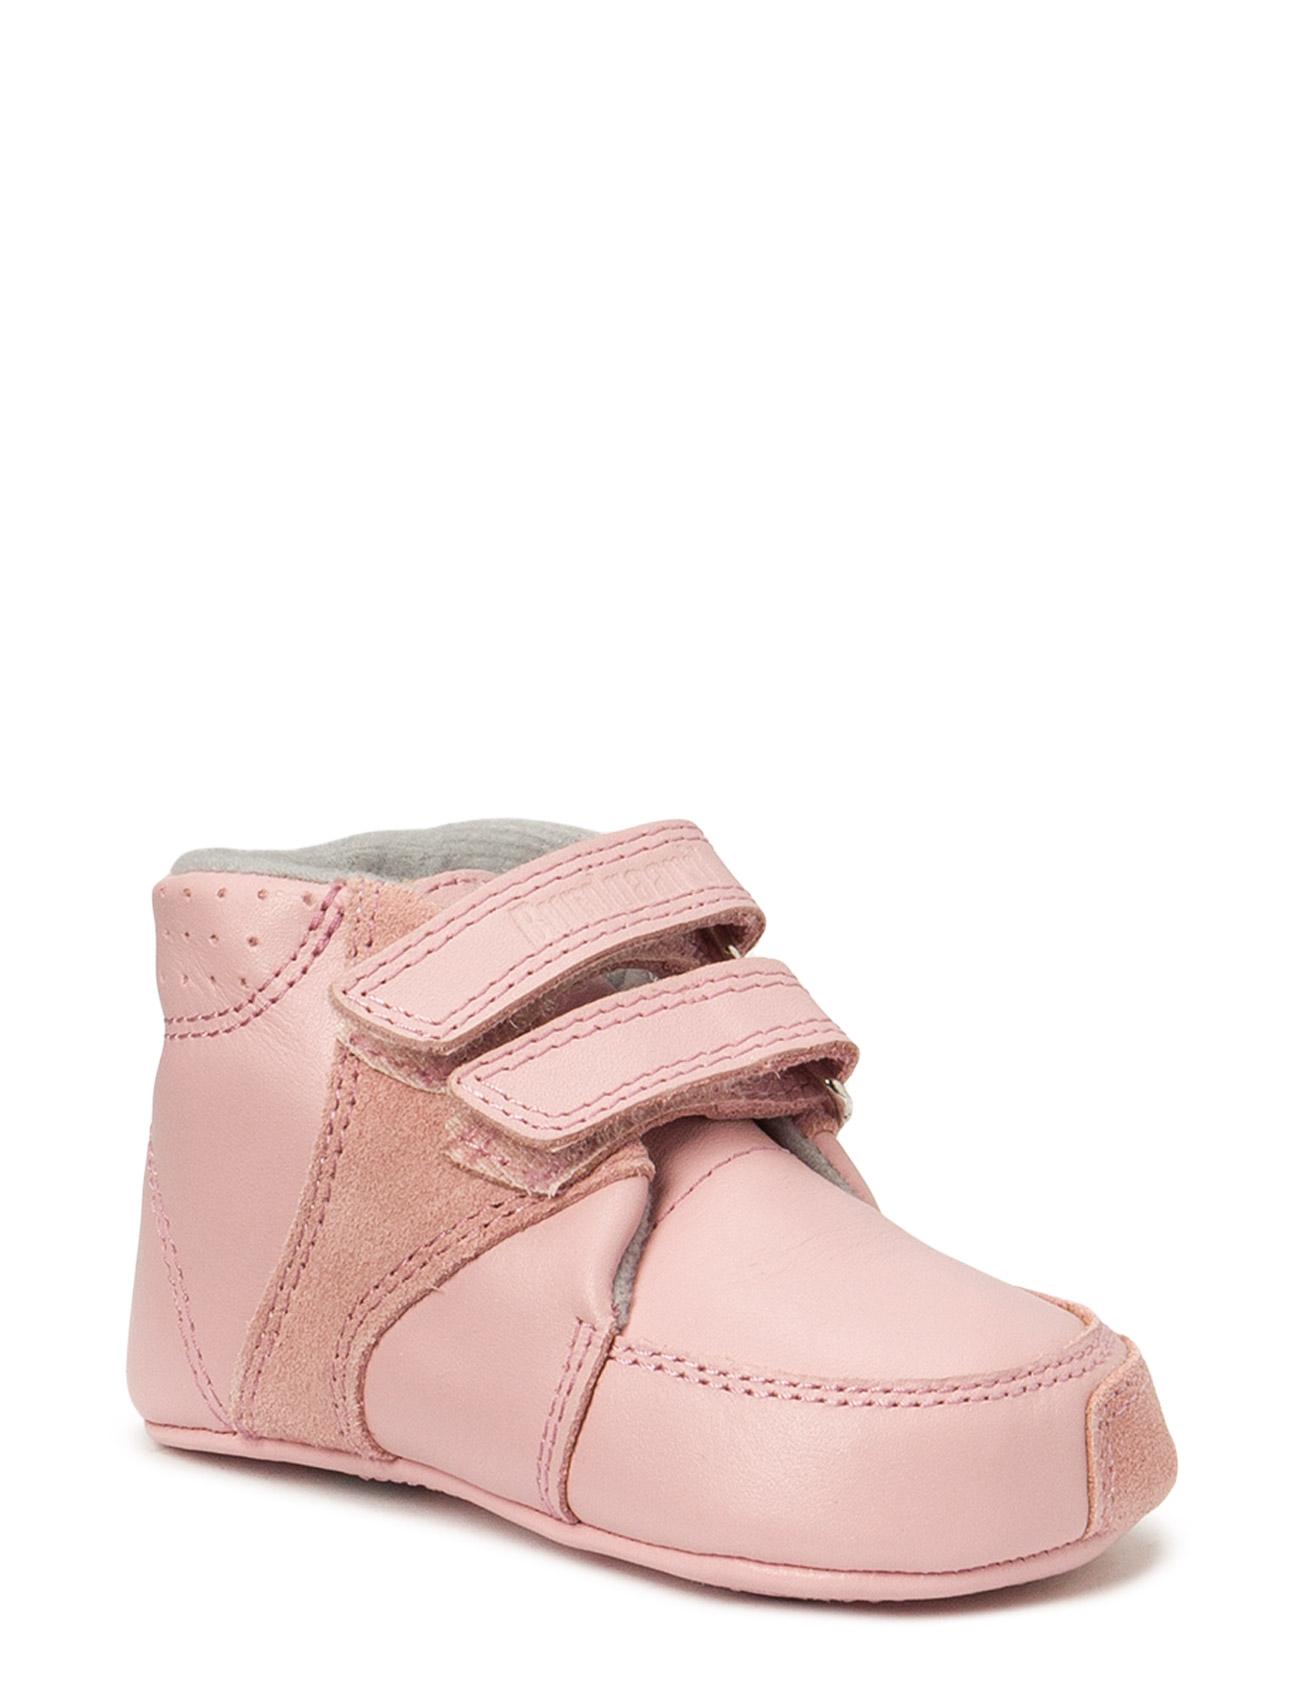 Prewalker Old Rose W/Velcro Bundgaard Sko & Sneakers til Børn i Old Rose